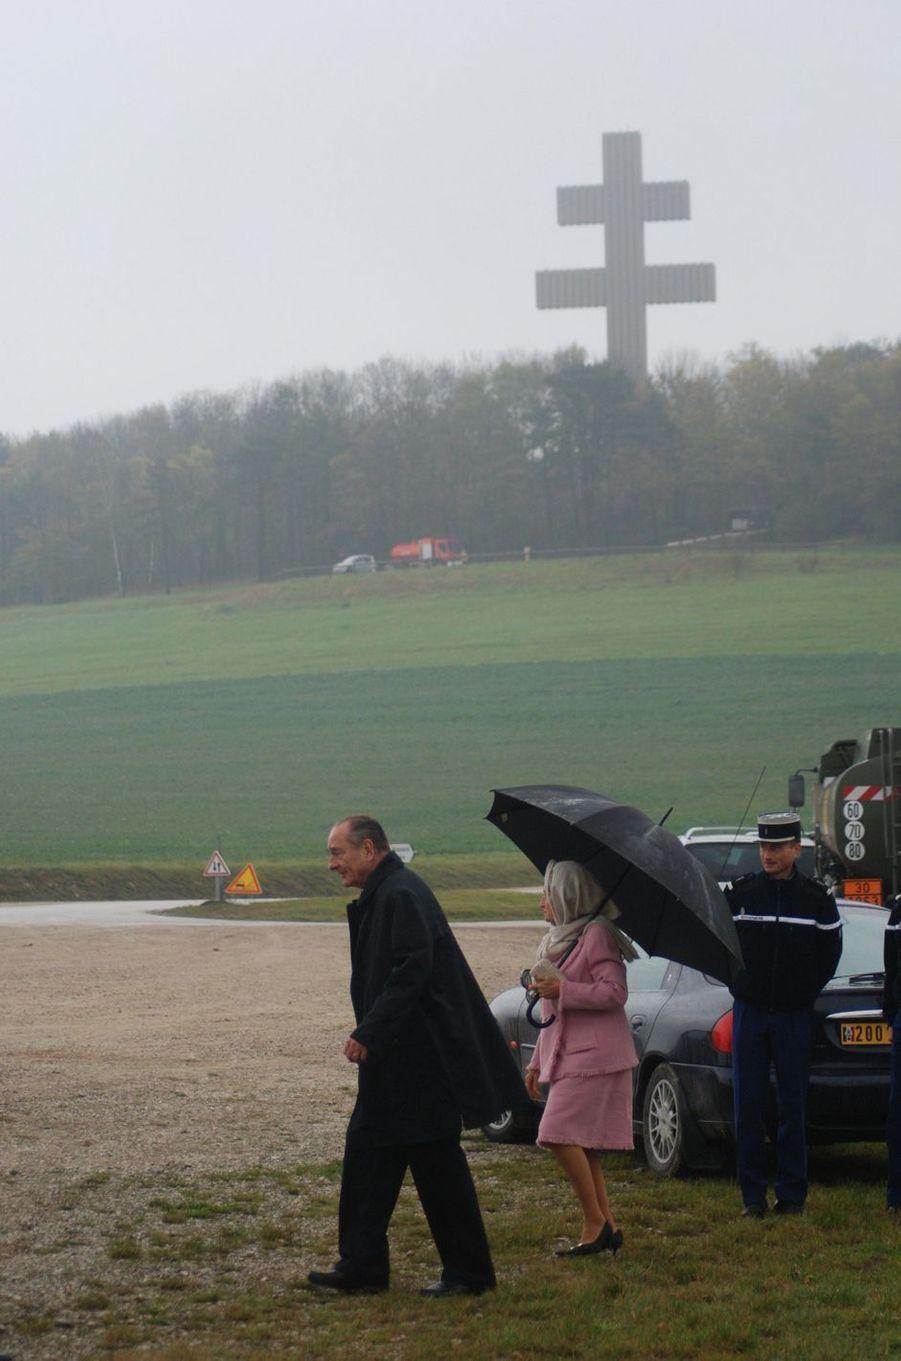 9 novembre 2006.Jacques et Bernadette Chirac à Colombey-les-Deux-Eglises, en Haute-Marne, pour célébrer le 36ème anniversaire de la mort du général de Gaulle et pour poser la première pierre du mémorial. Au fond, la croix de Lorraine.